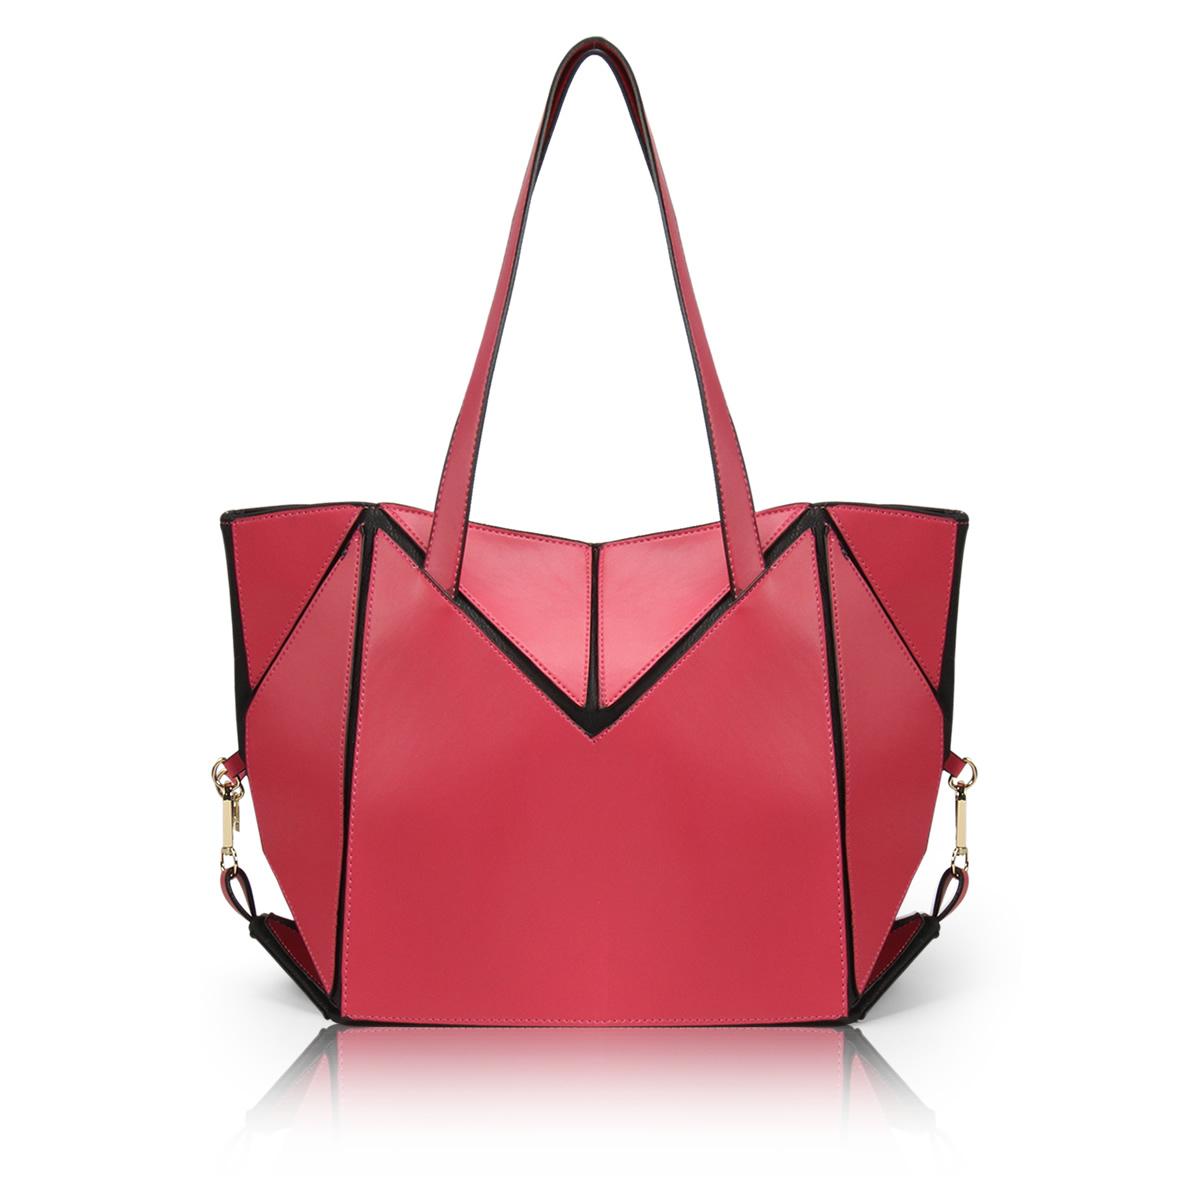 Designer Totes Bags – TrendBags 2017